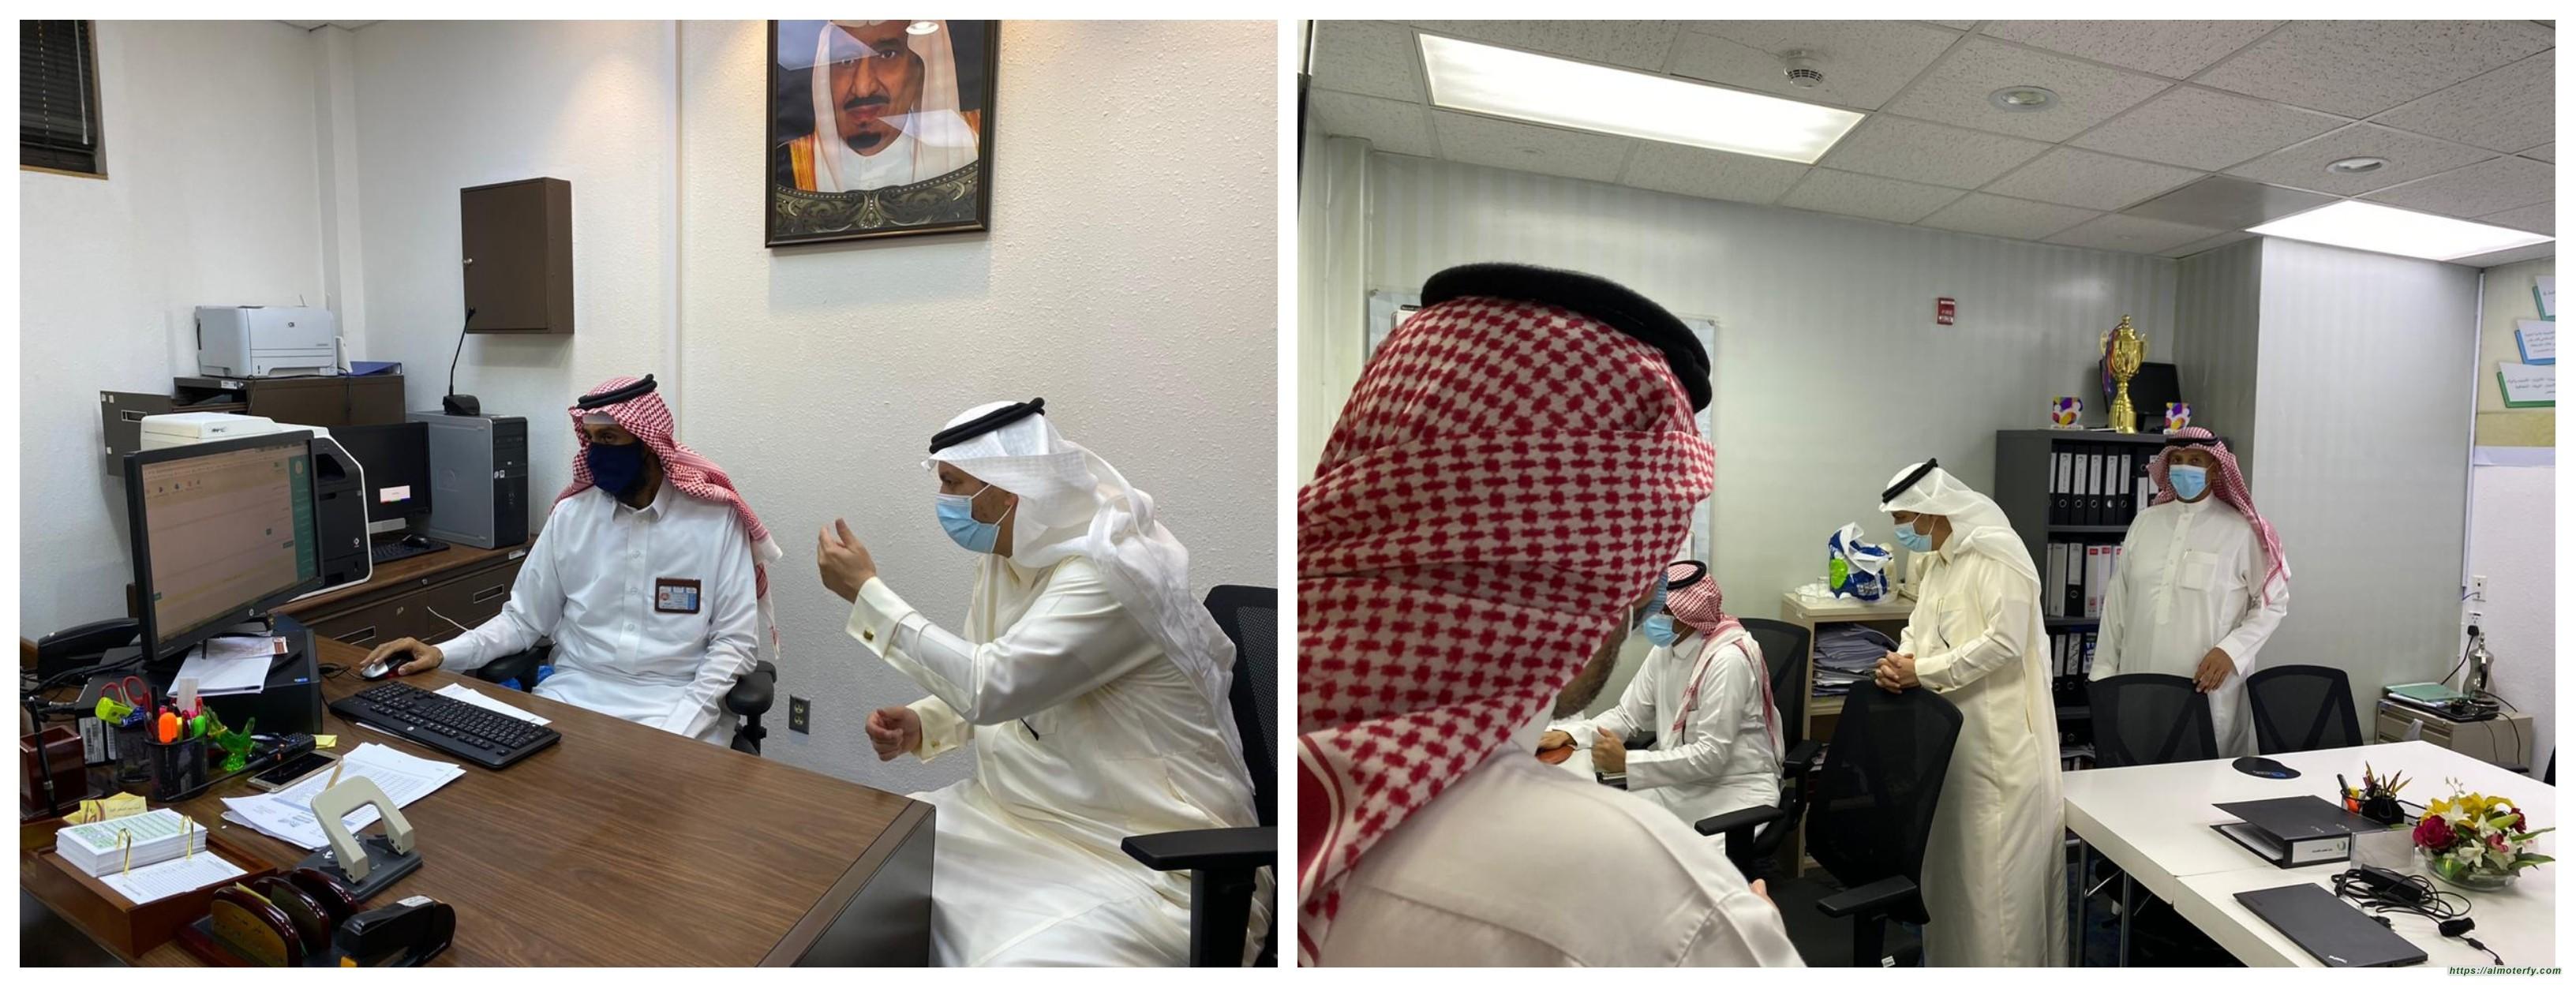 مدير تعليم الأحساء يزور ابتدائية الأمير محمد بن فهد  تزامناً مع بدء العام الدراسي ١٤٤٢ھ